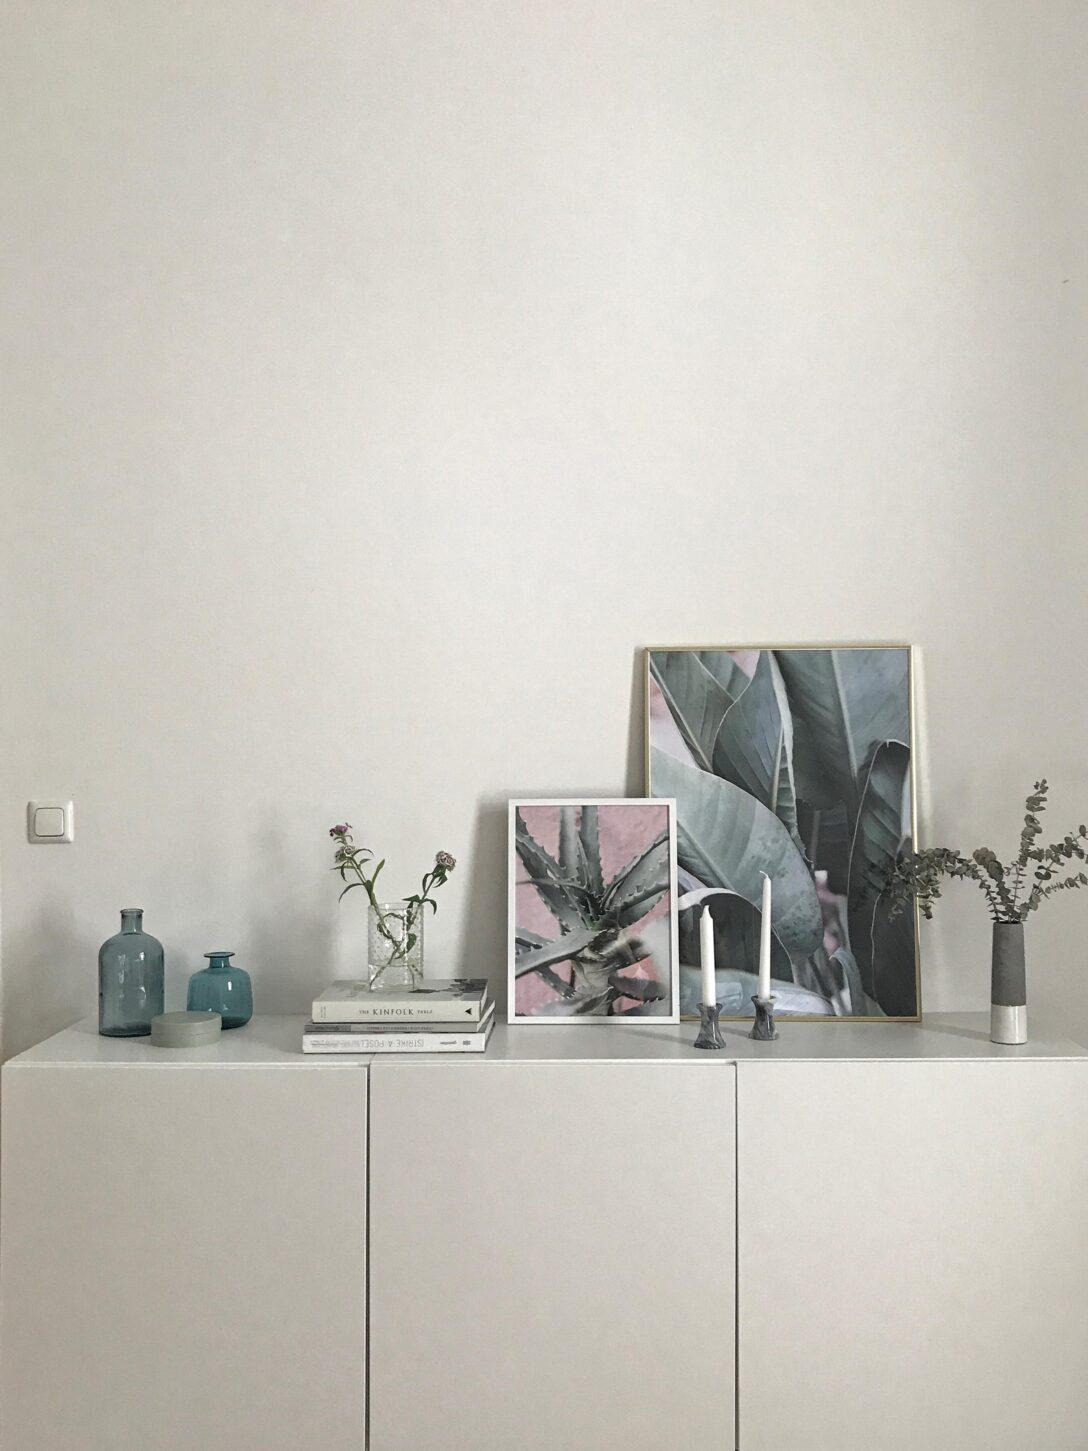 Large Size of Deko Sideboard Meine Neue Auf Dem Modernewohnide Wohnzimmer Dekoration Schlafzimmer Badezimmer Wanddeko Küche Für Mit Arbeitsplatte Wohnzimmer Deko Sideboard